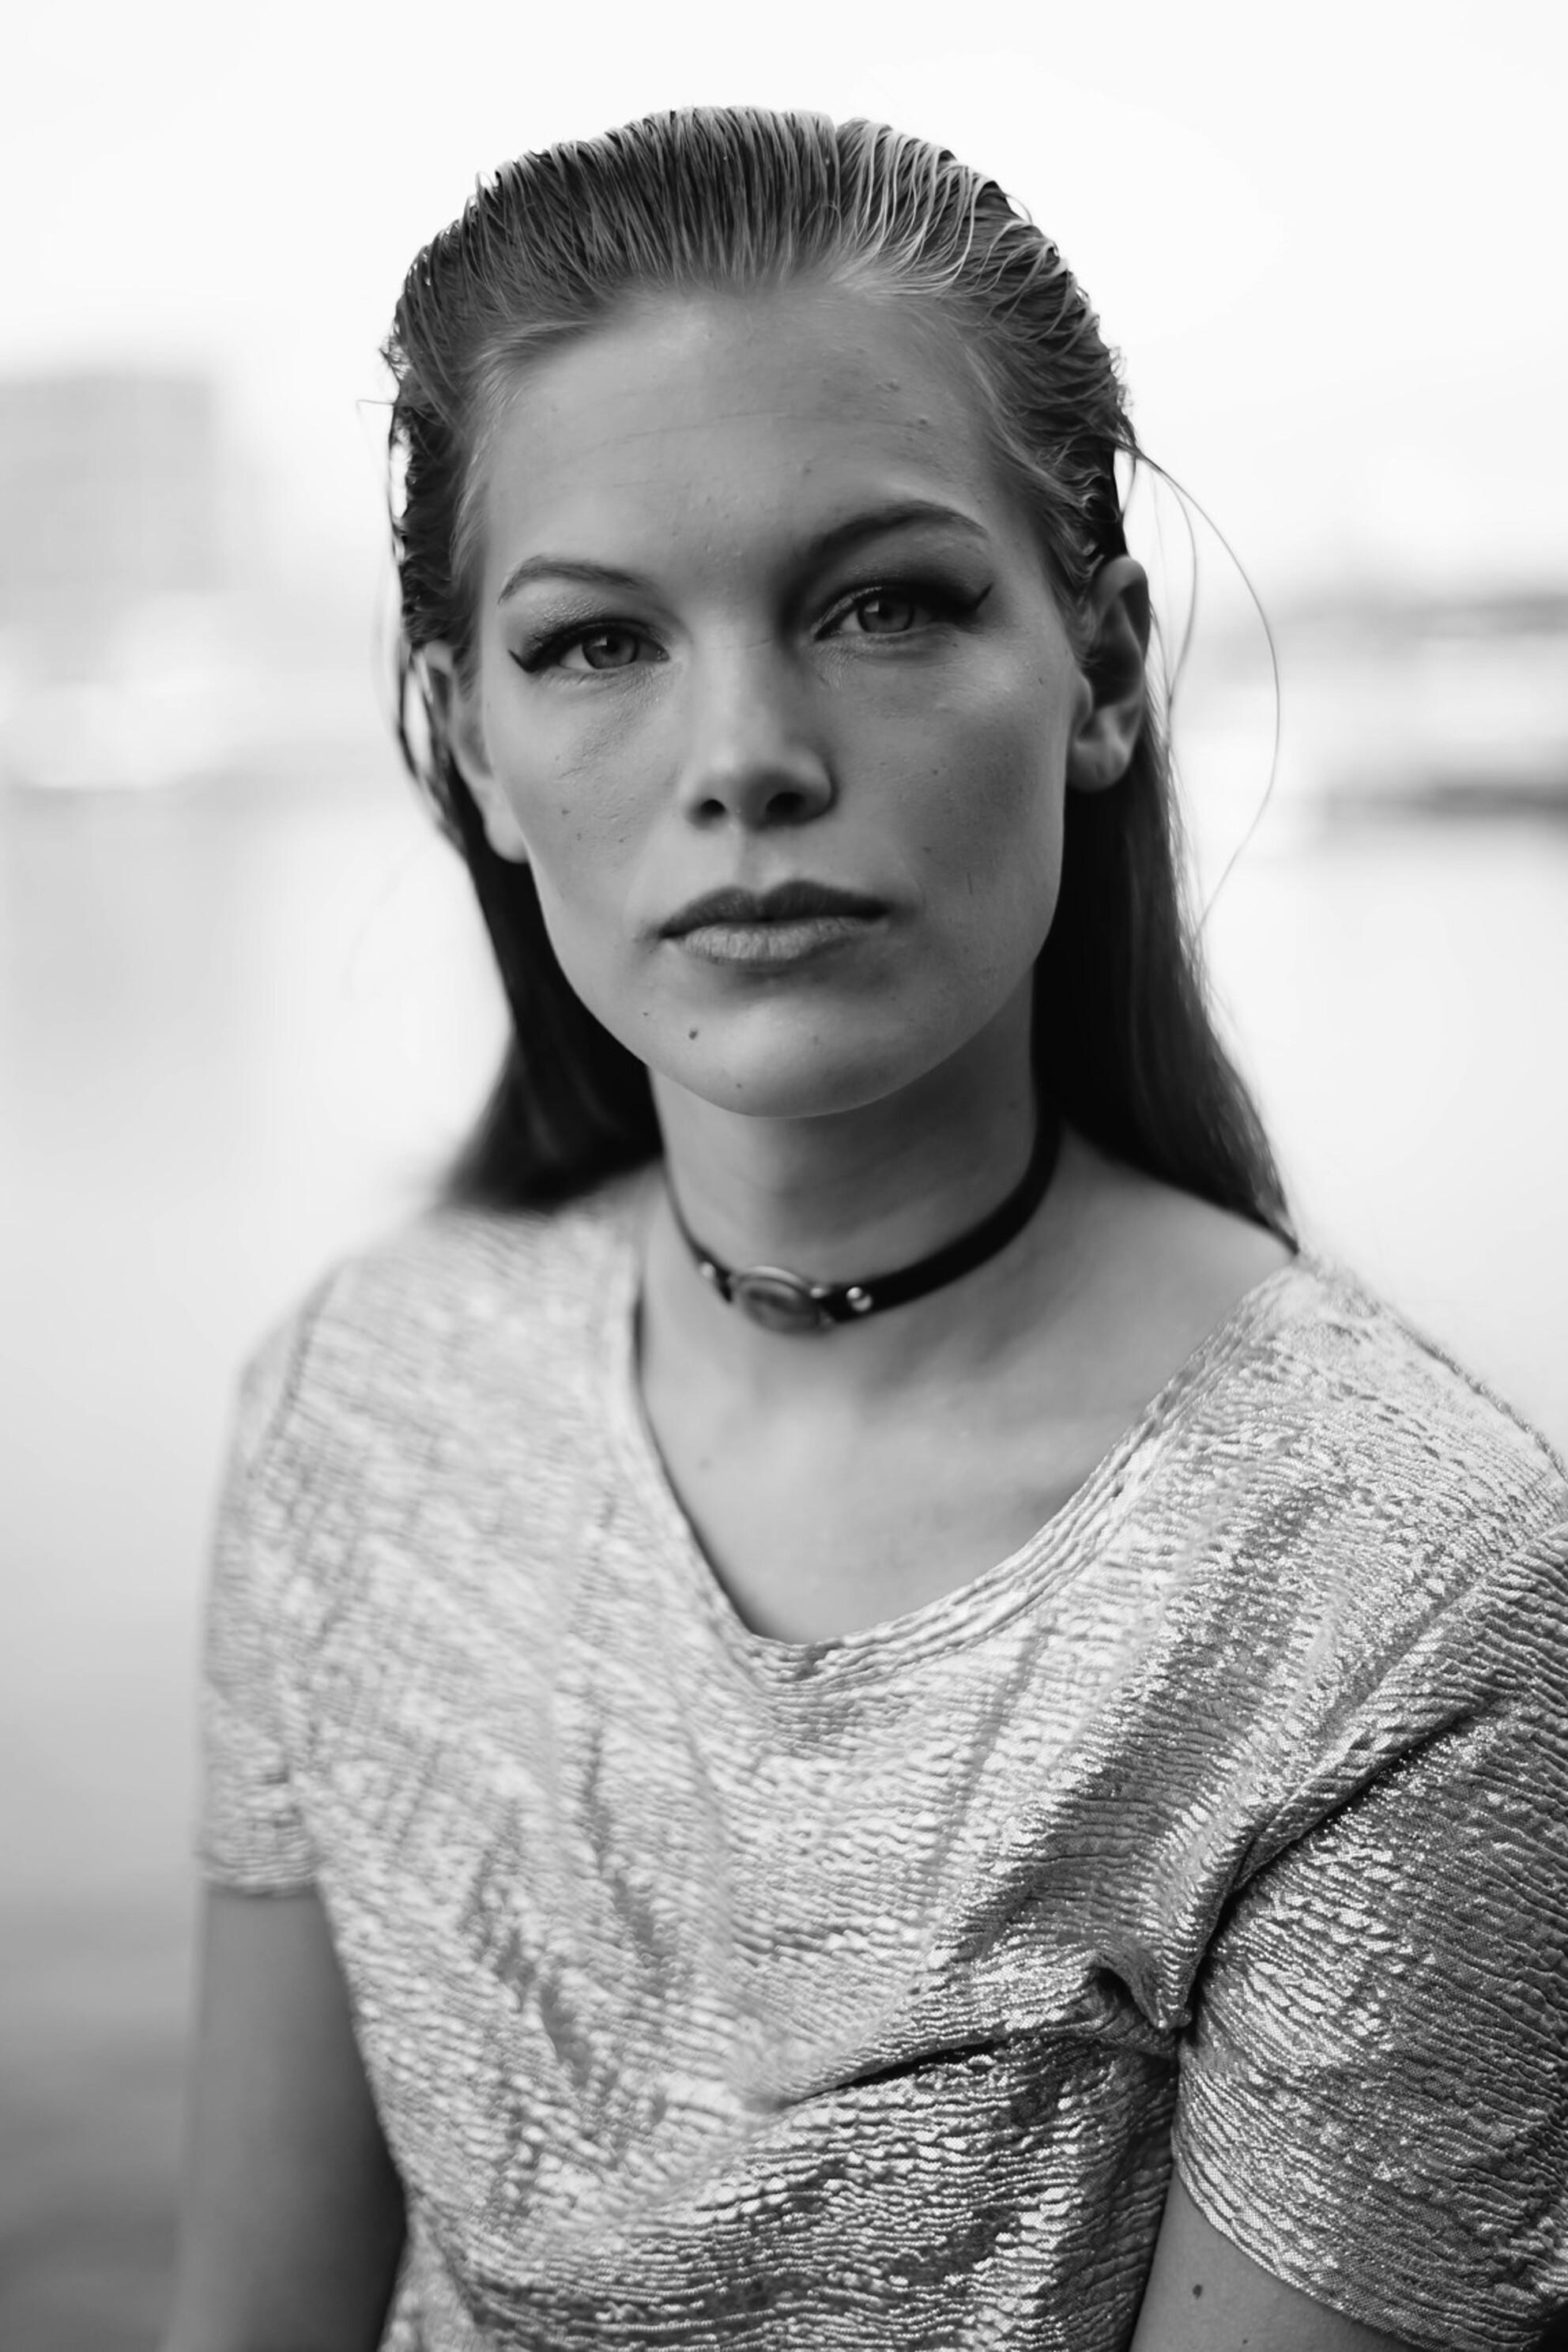 blackwhite portrait - - - foto door Kayleesfotografie op 28-01-2017 - deze foto bevat: mensen, portret, model, fashion, zwartwit, emotie, photoshop, closeup, mode, fotoshoot, 50mm - Deze foto mag gebruikt worden in een Zoom.nl publicatie